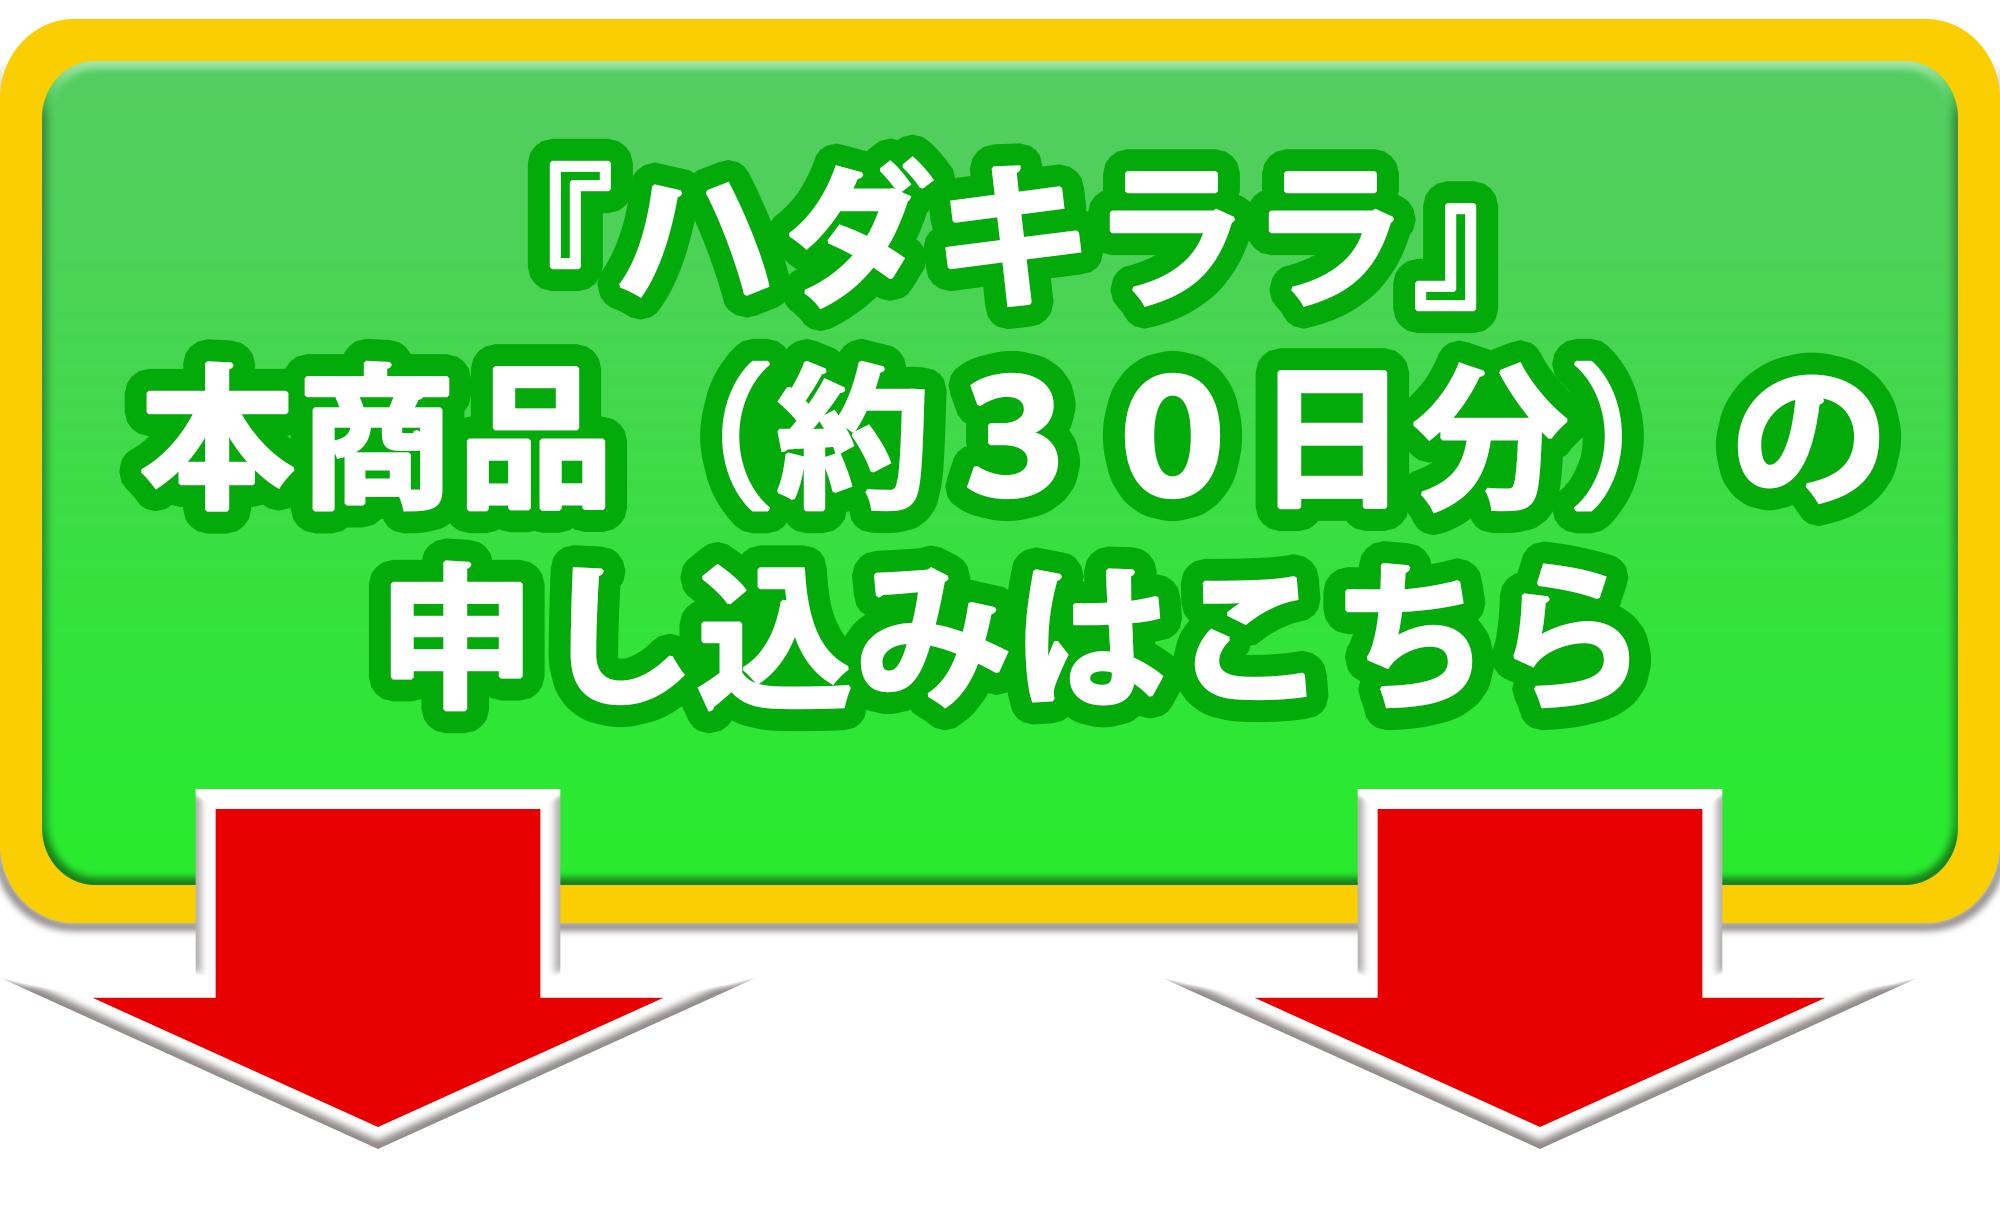 大きな緑の誘導矢印